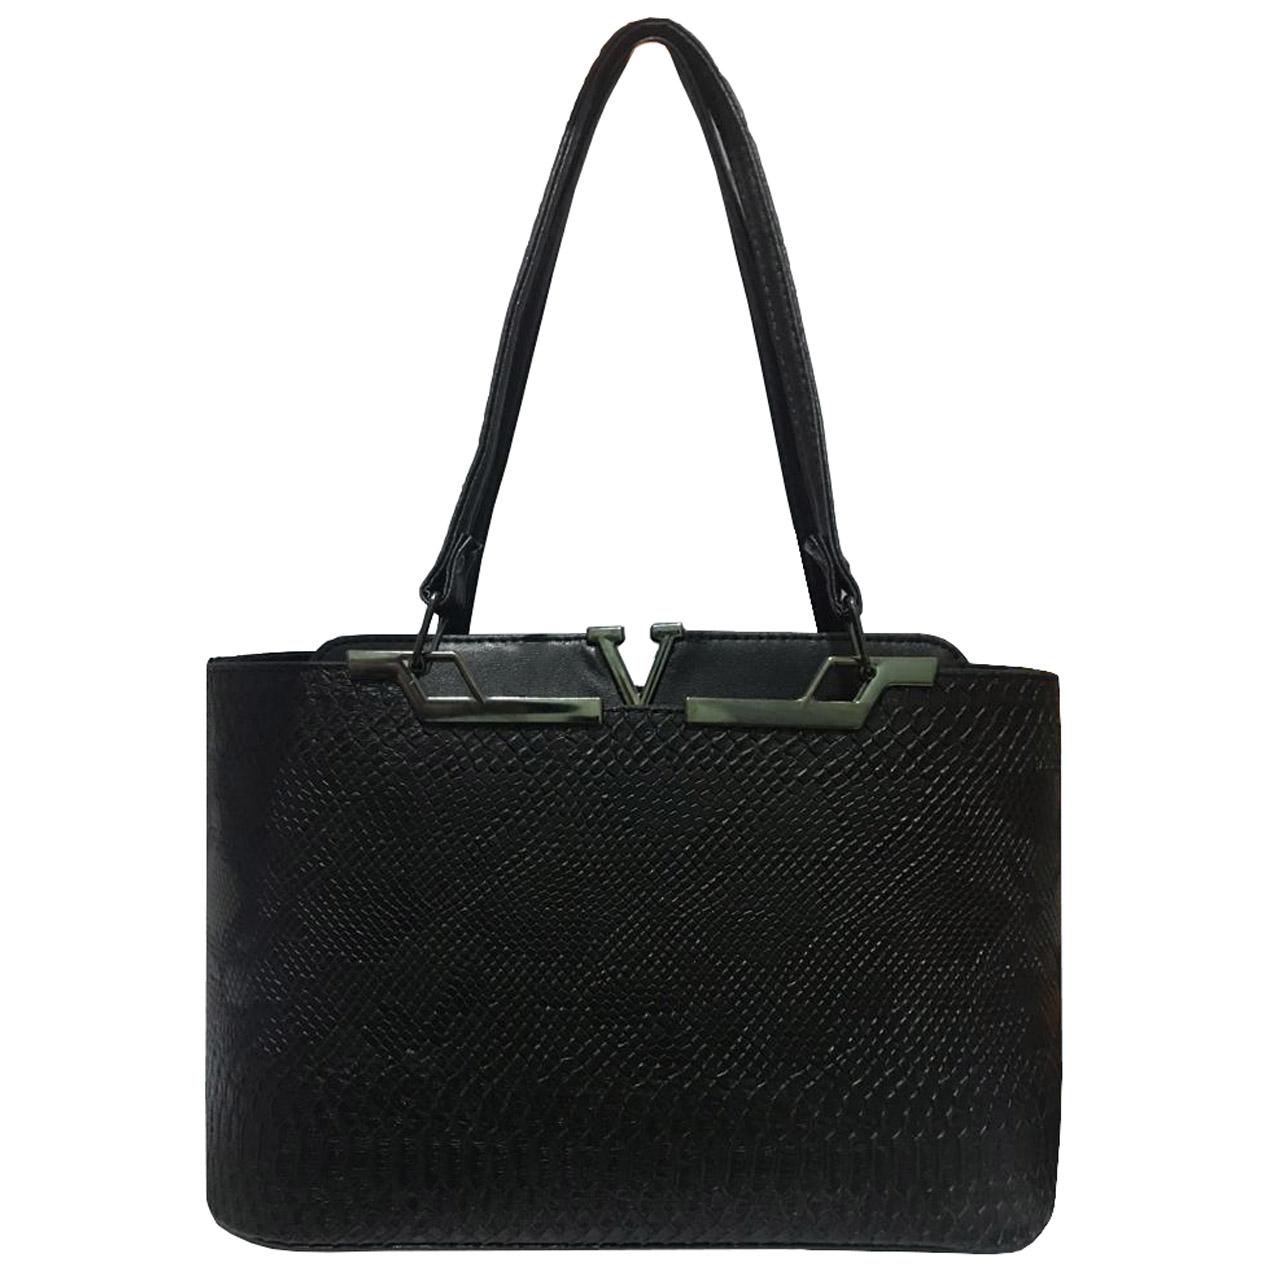 قیمت کیف دستی زنانه مدل 2-340 به همراه جاسوییچی چرم طبیعی طرح کفش هدیه